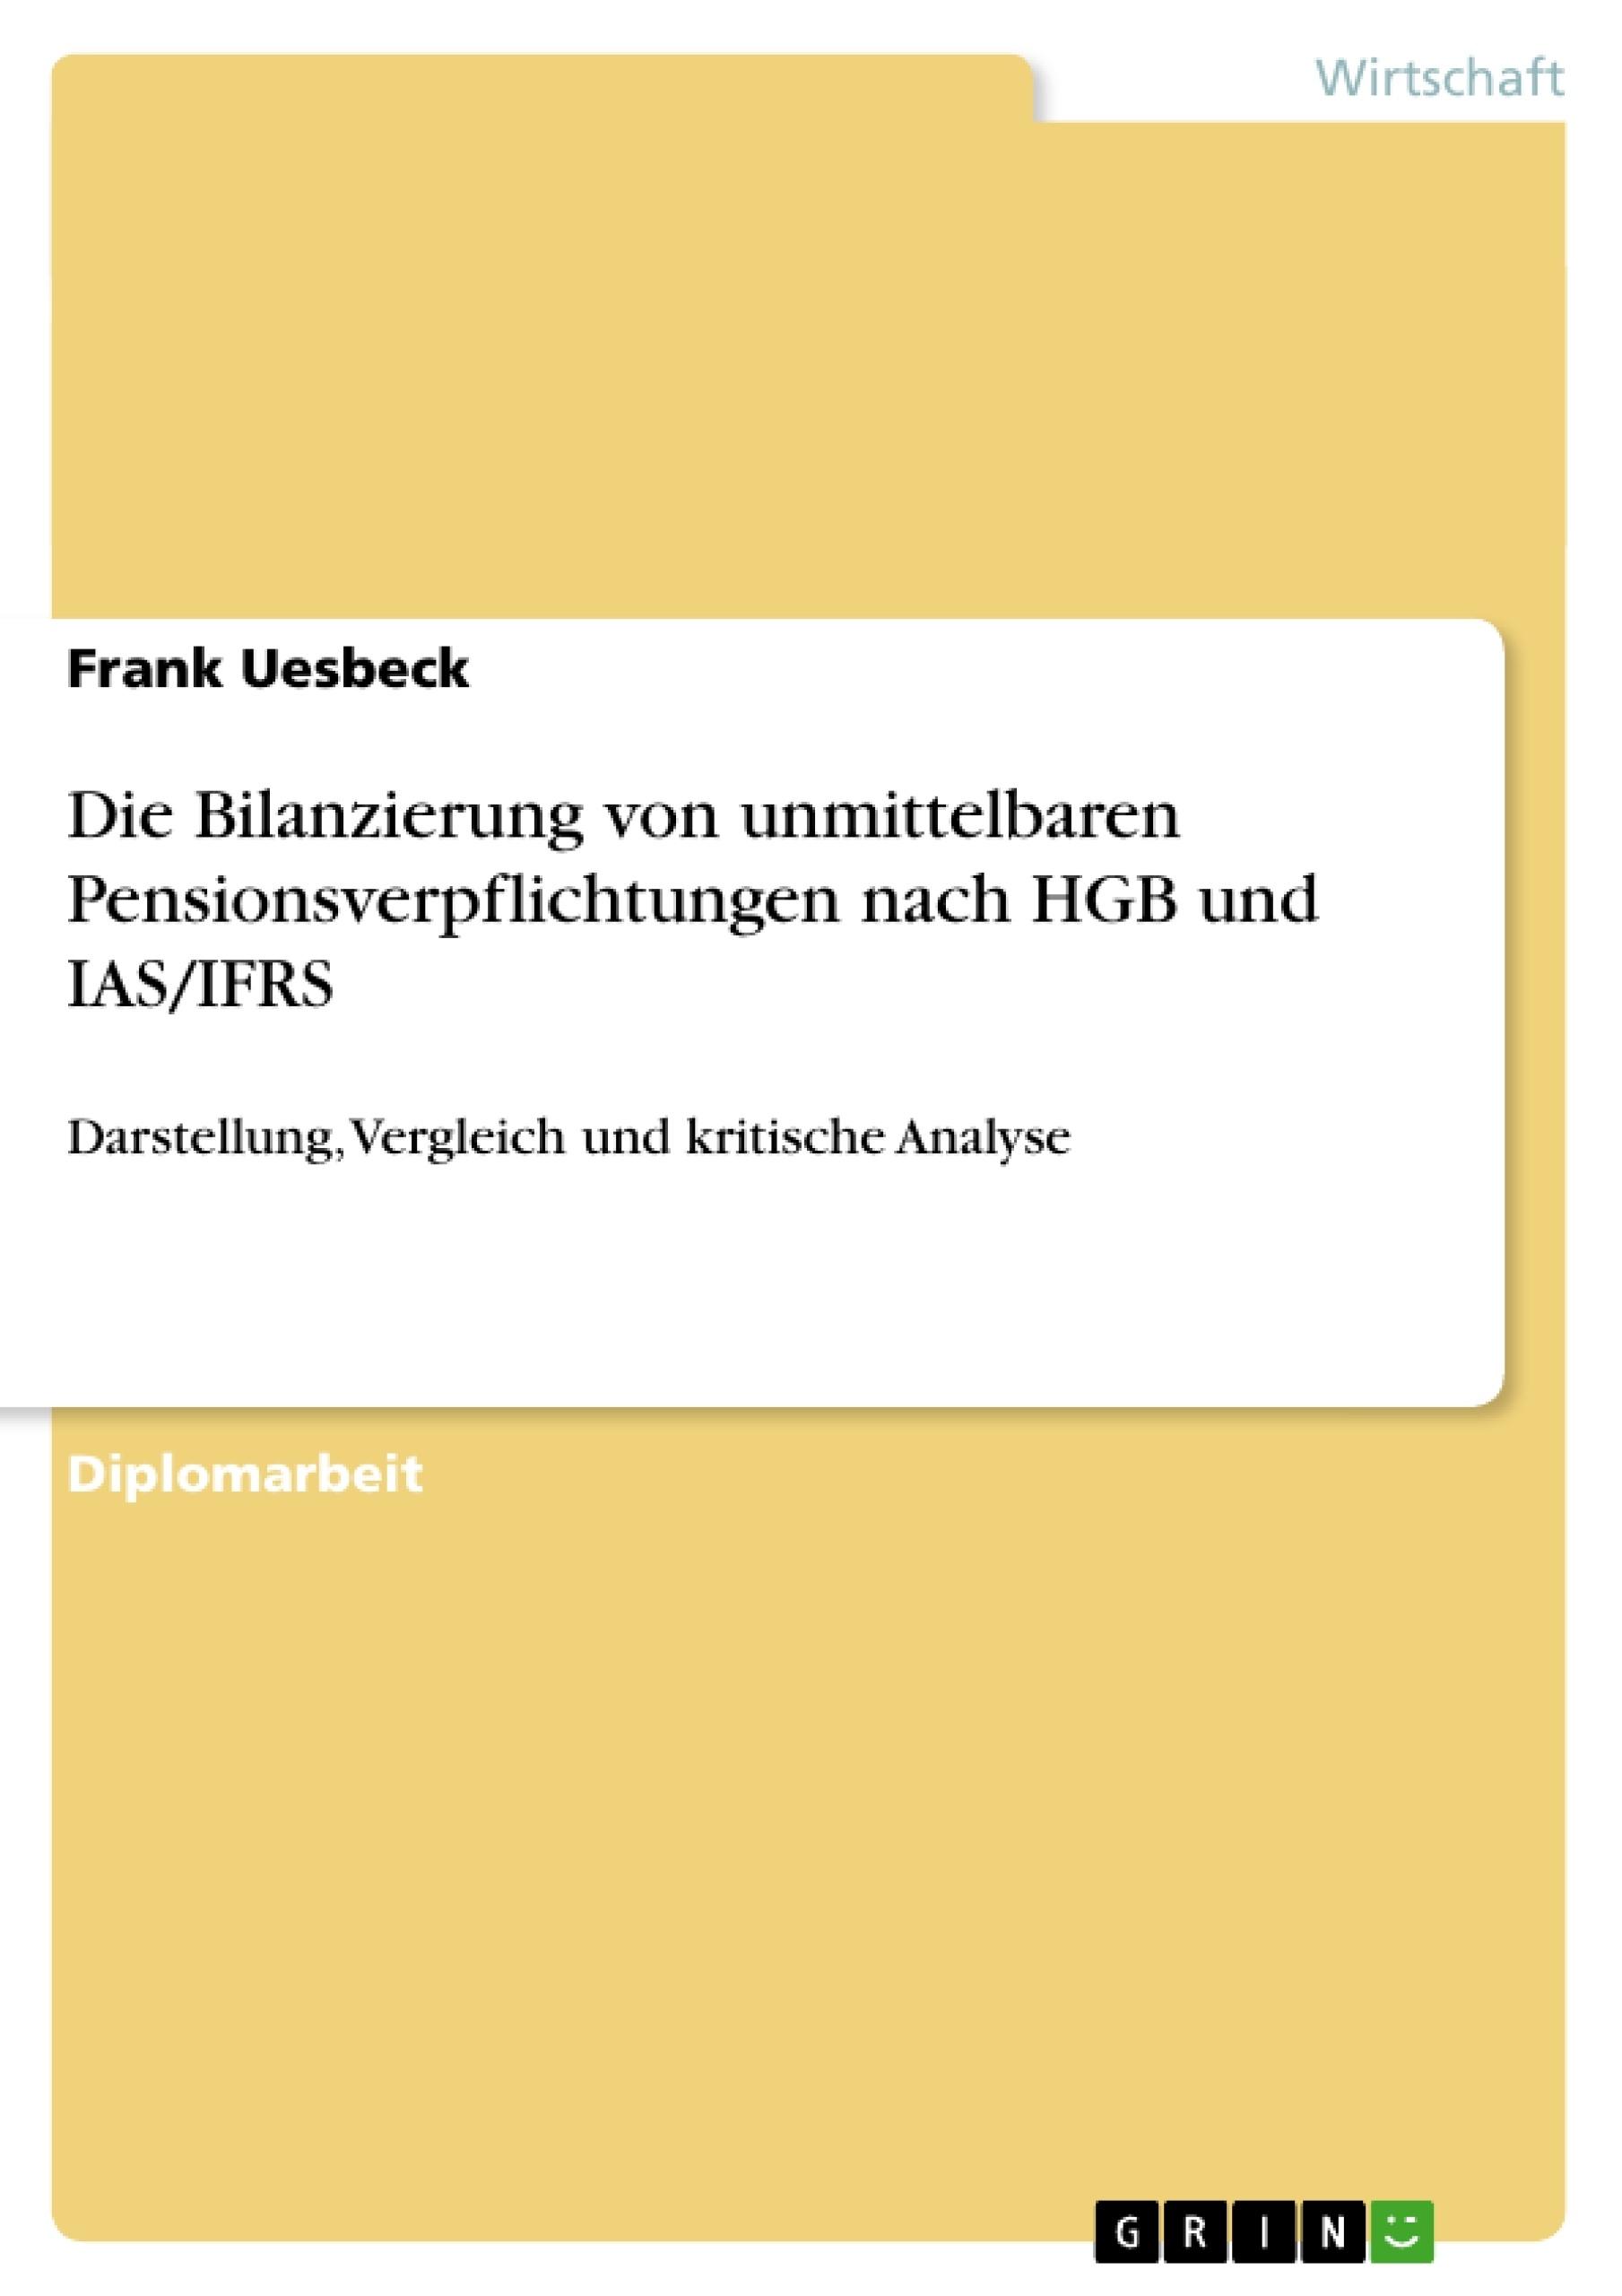 Titel: Die Bilanzierung von unmittelbaren Pensionsverpflichtungen nach HGB und IAS/IFRS